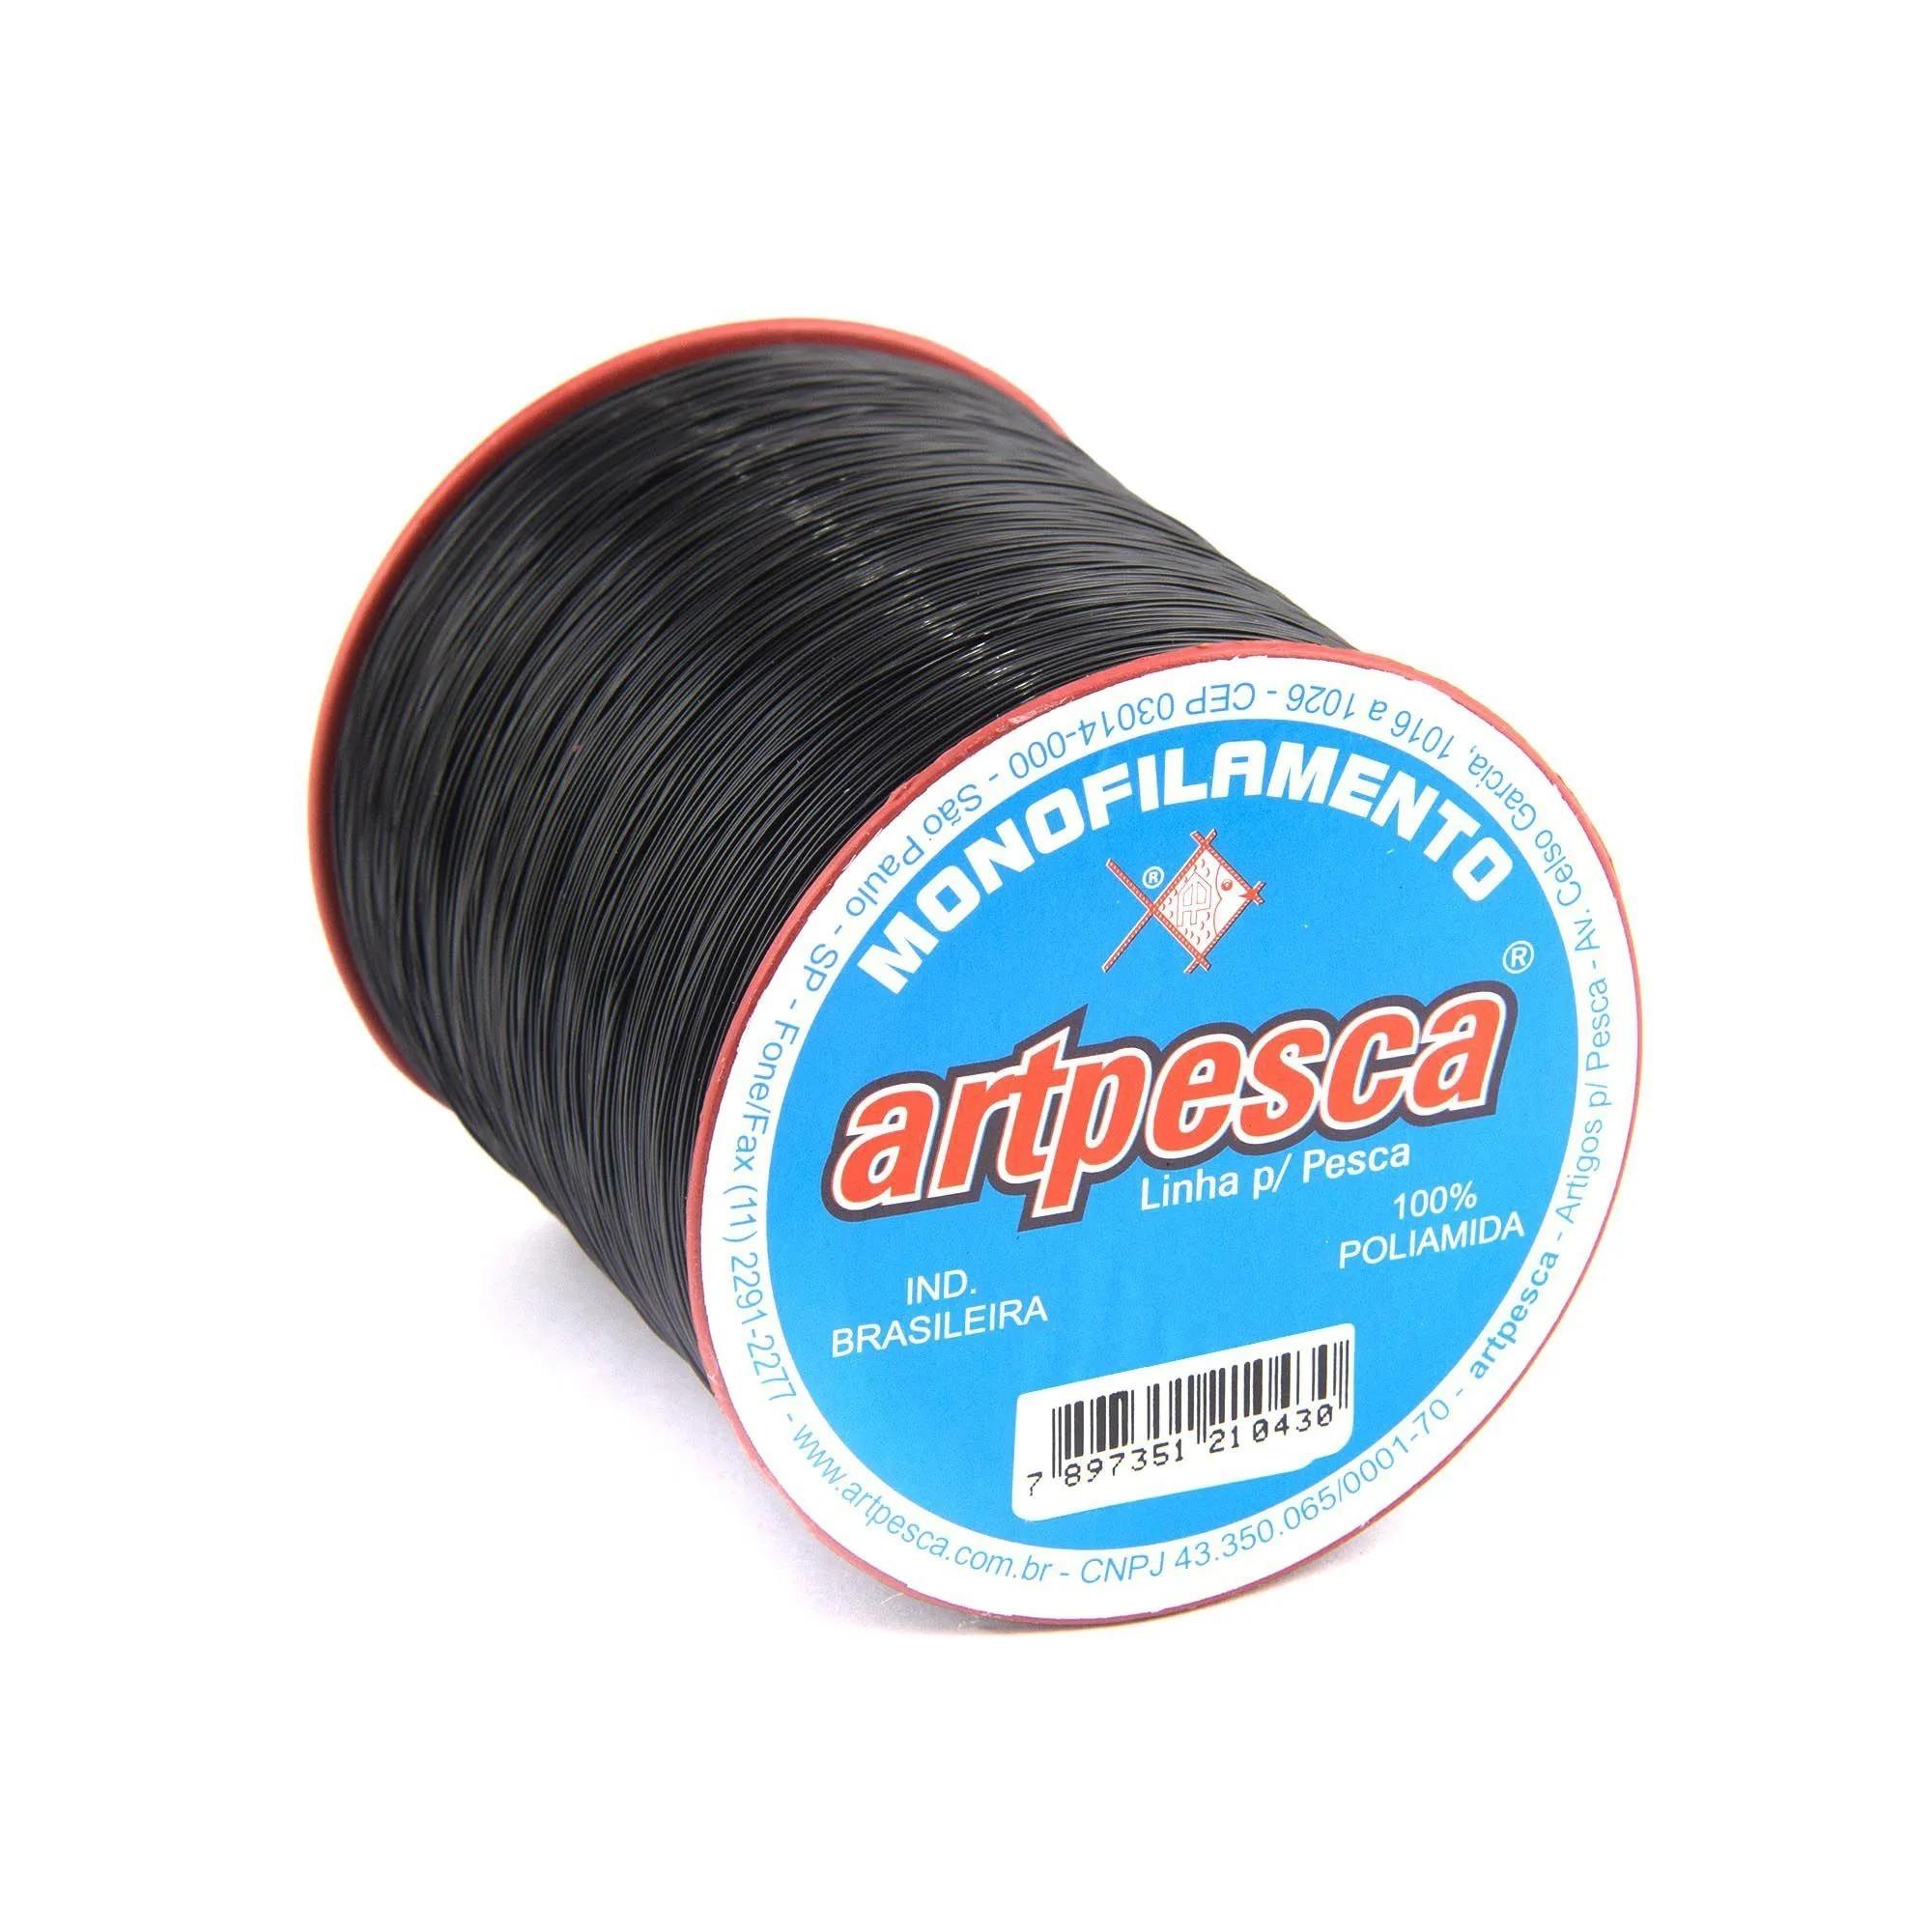 Linha de Nylon Artpesca Preta 0,20mm - 1 unidades com 100gr  - Artpesca